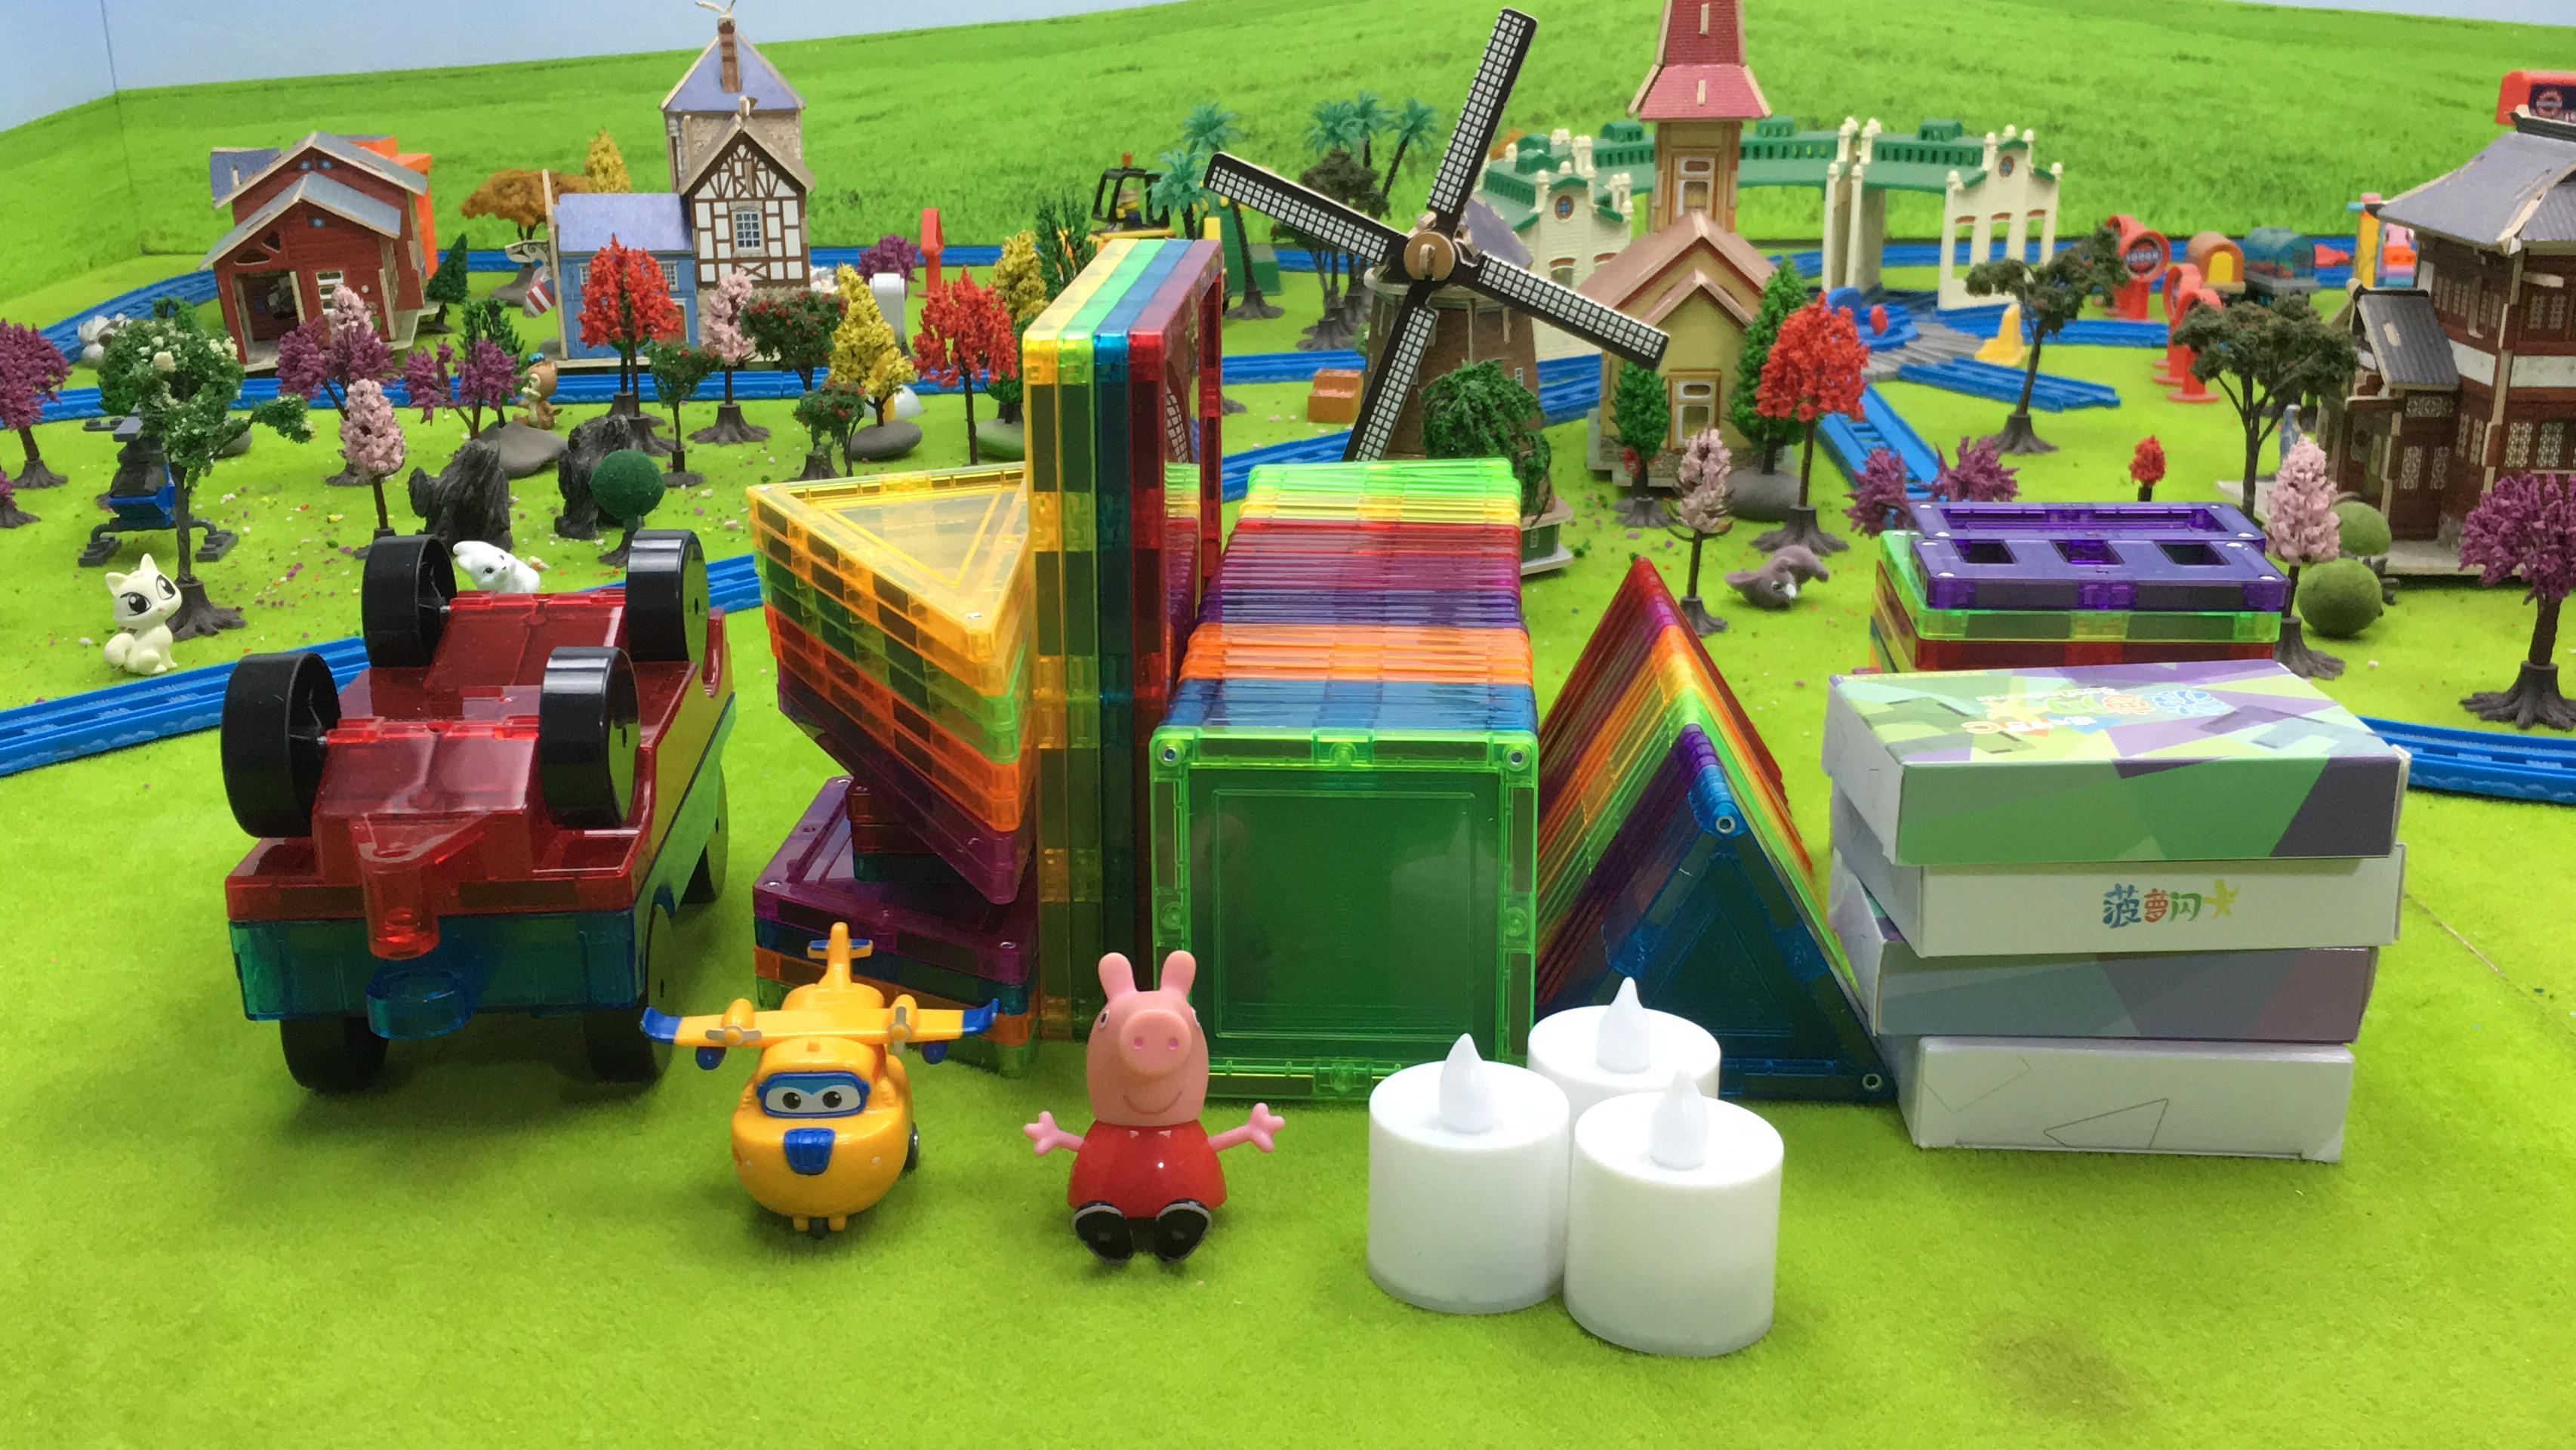 超级飞侠多多和小猪佩奇玩菠萝树炫彩玩具娃娃军装磁力视频上集积木图片